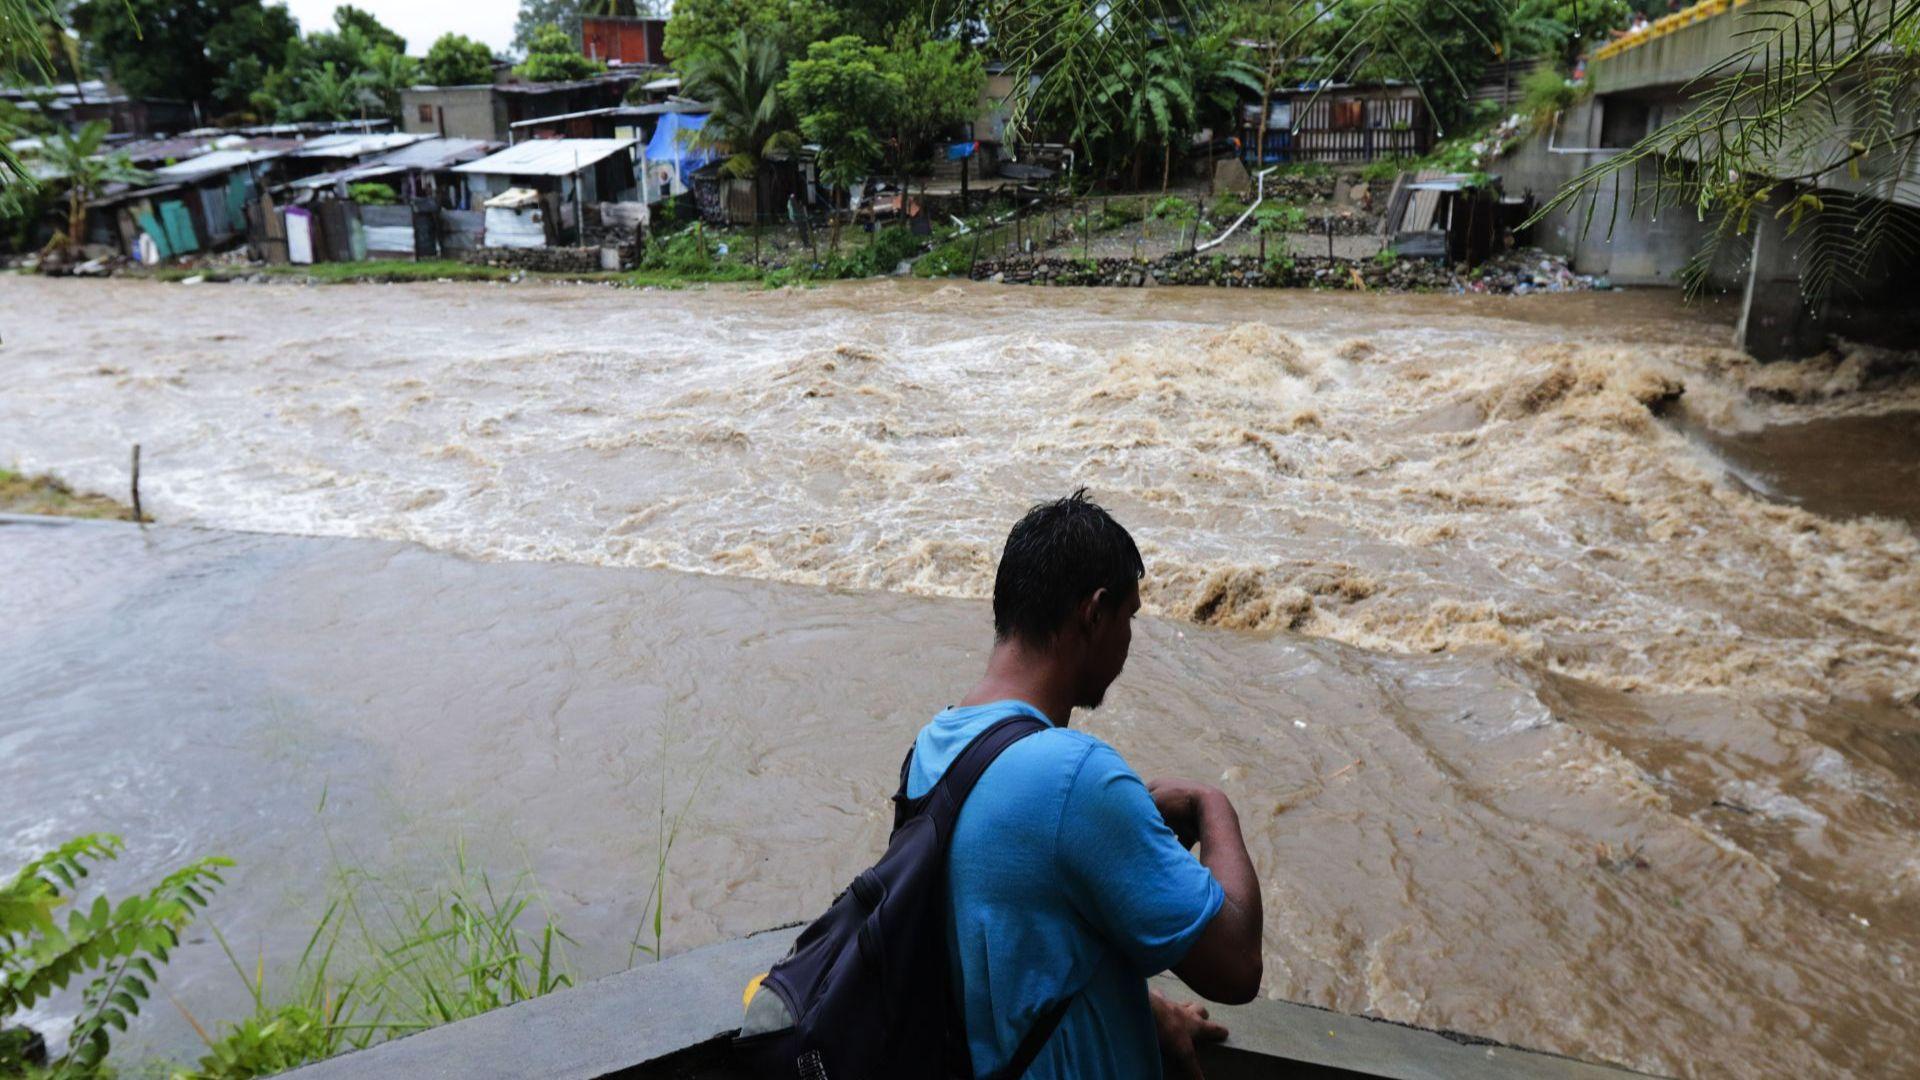 Ураганът Йота разруши 80% от жилищата на колумбийски остров (снимки)